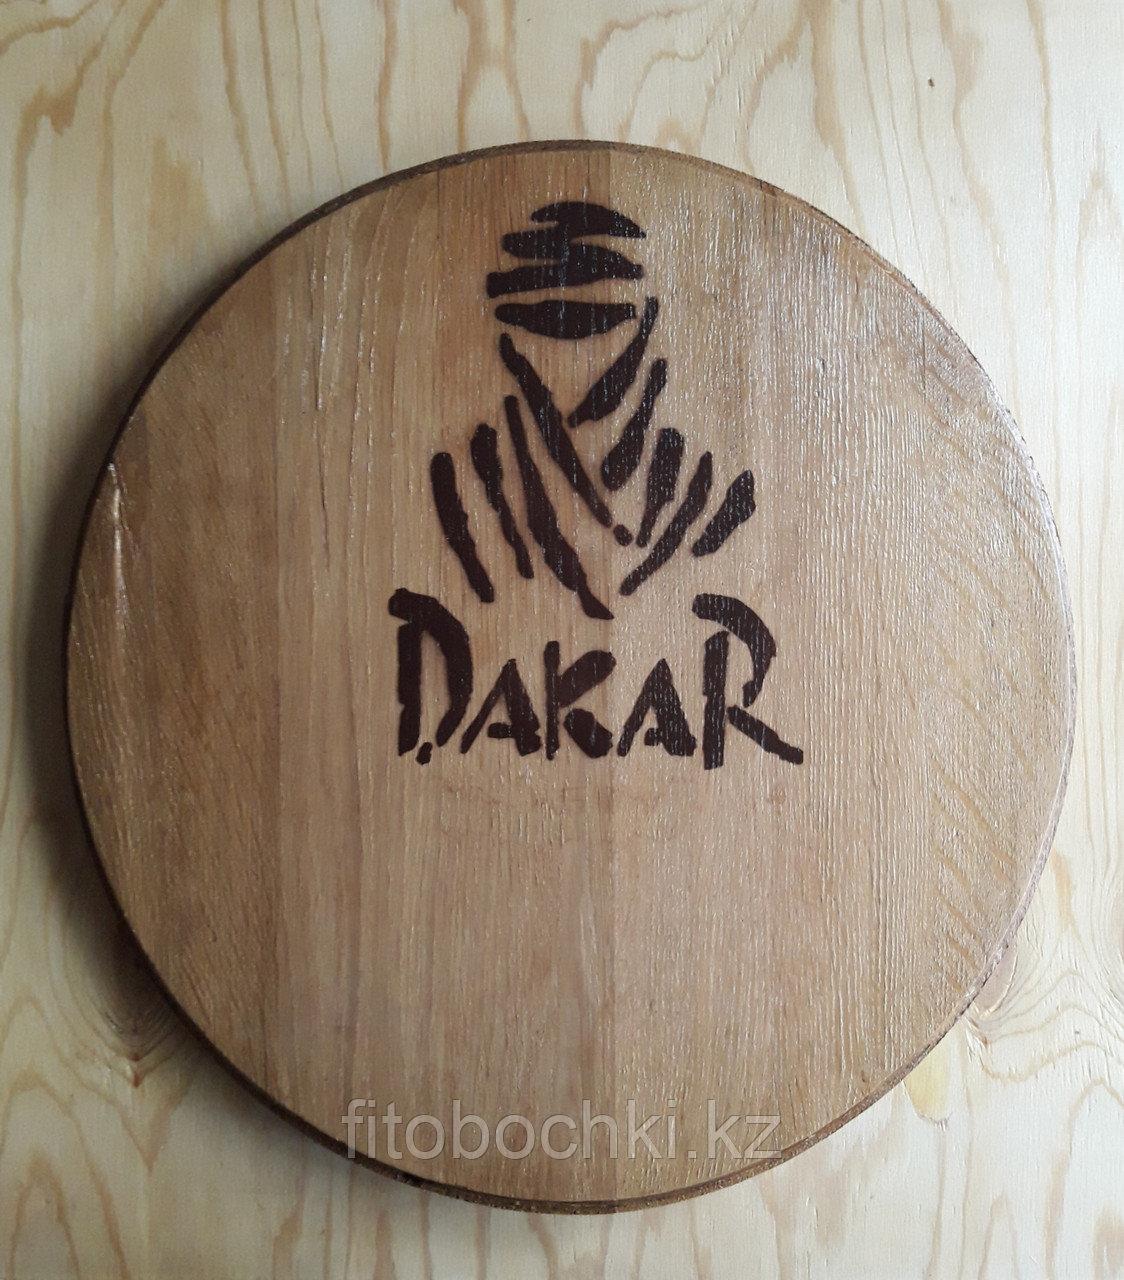 """Деревянное панно """"DAKAR""""  (дно дубовой бочки), D 460 мм"""